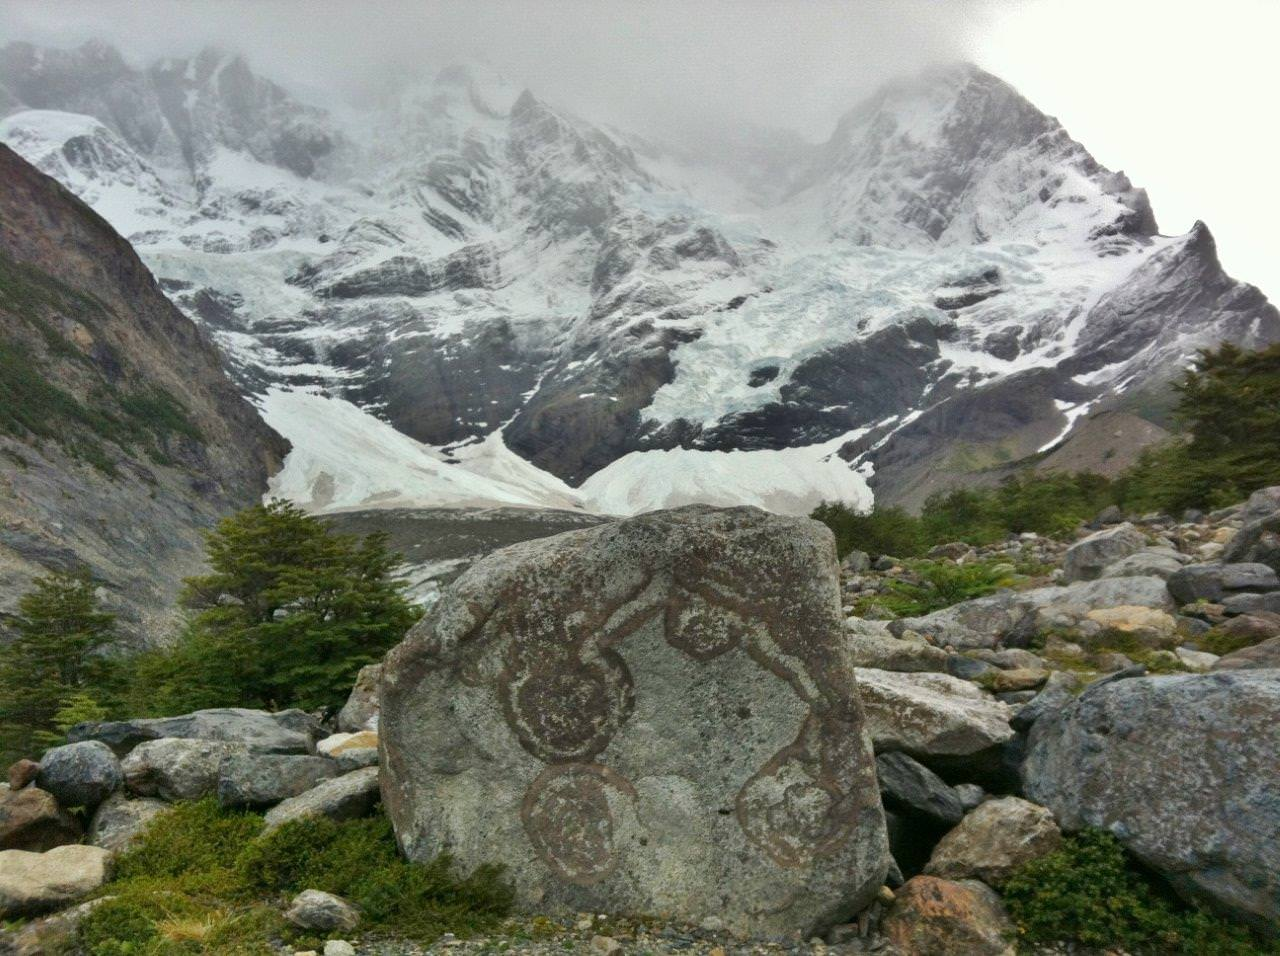 Circuito W Torres Del Paine Mapa : Parque nacional torres del paine wikipedia la enciclopedia libre